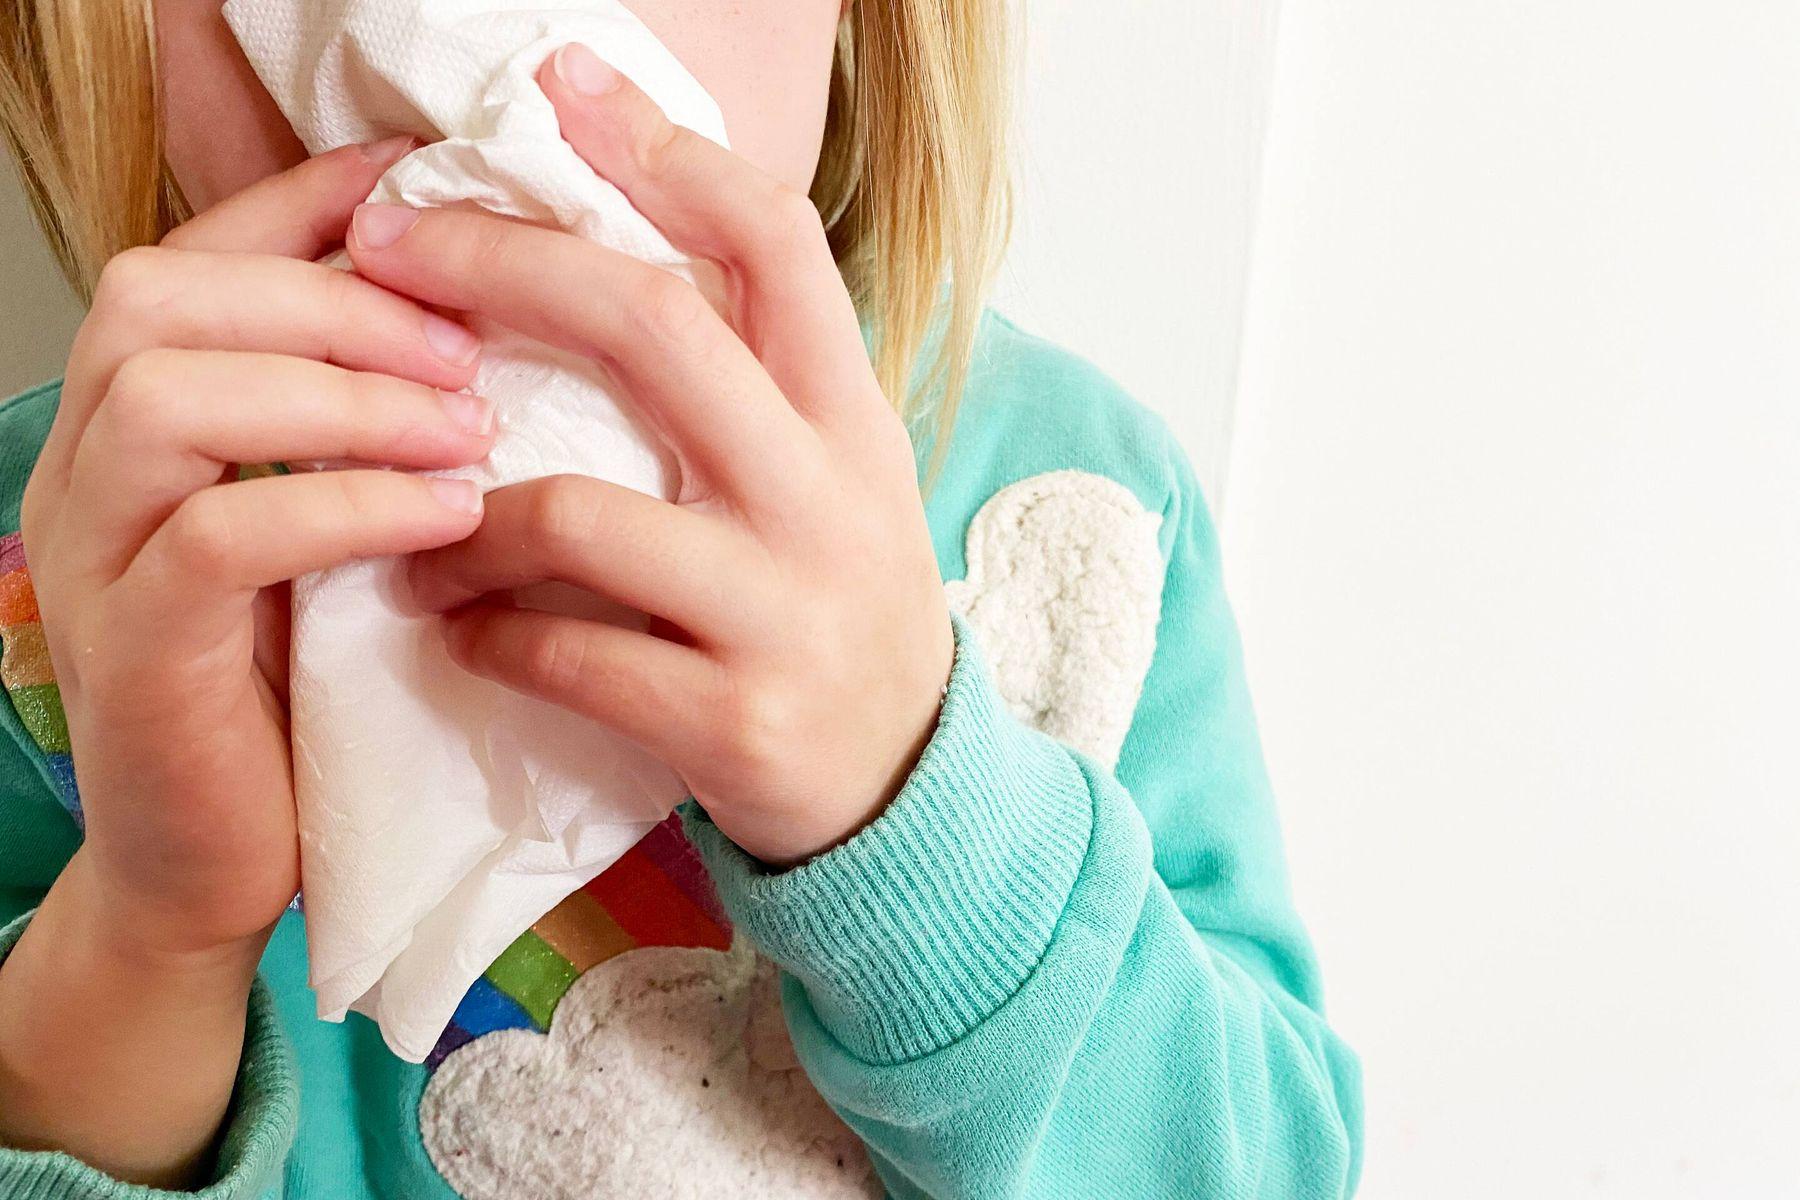 Criança usando um lenço